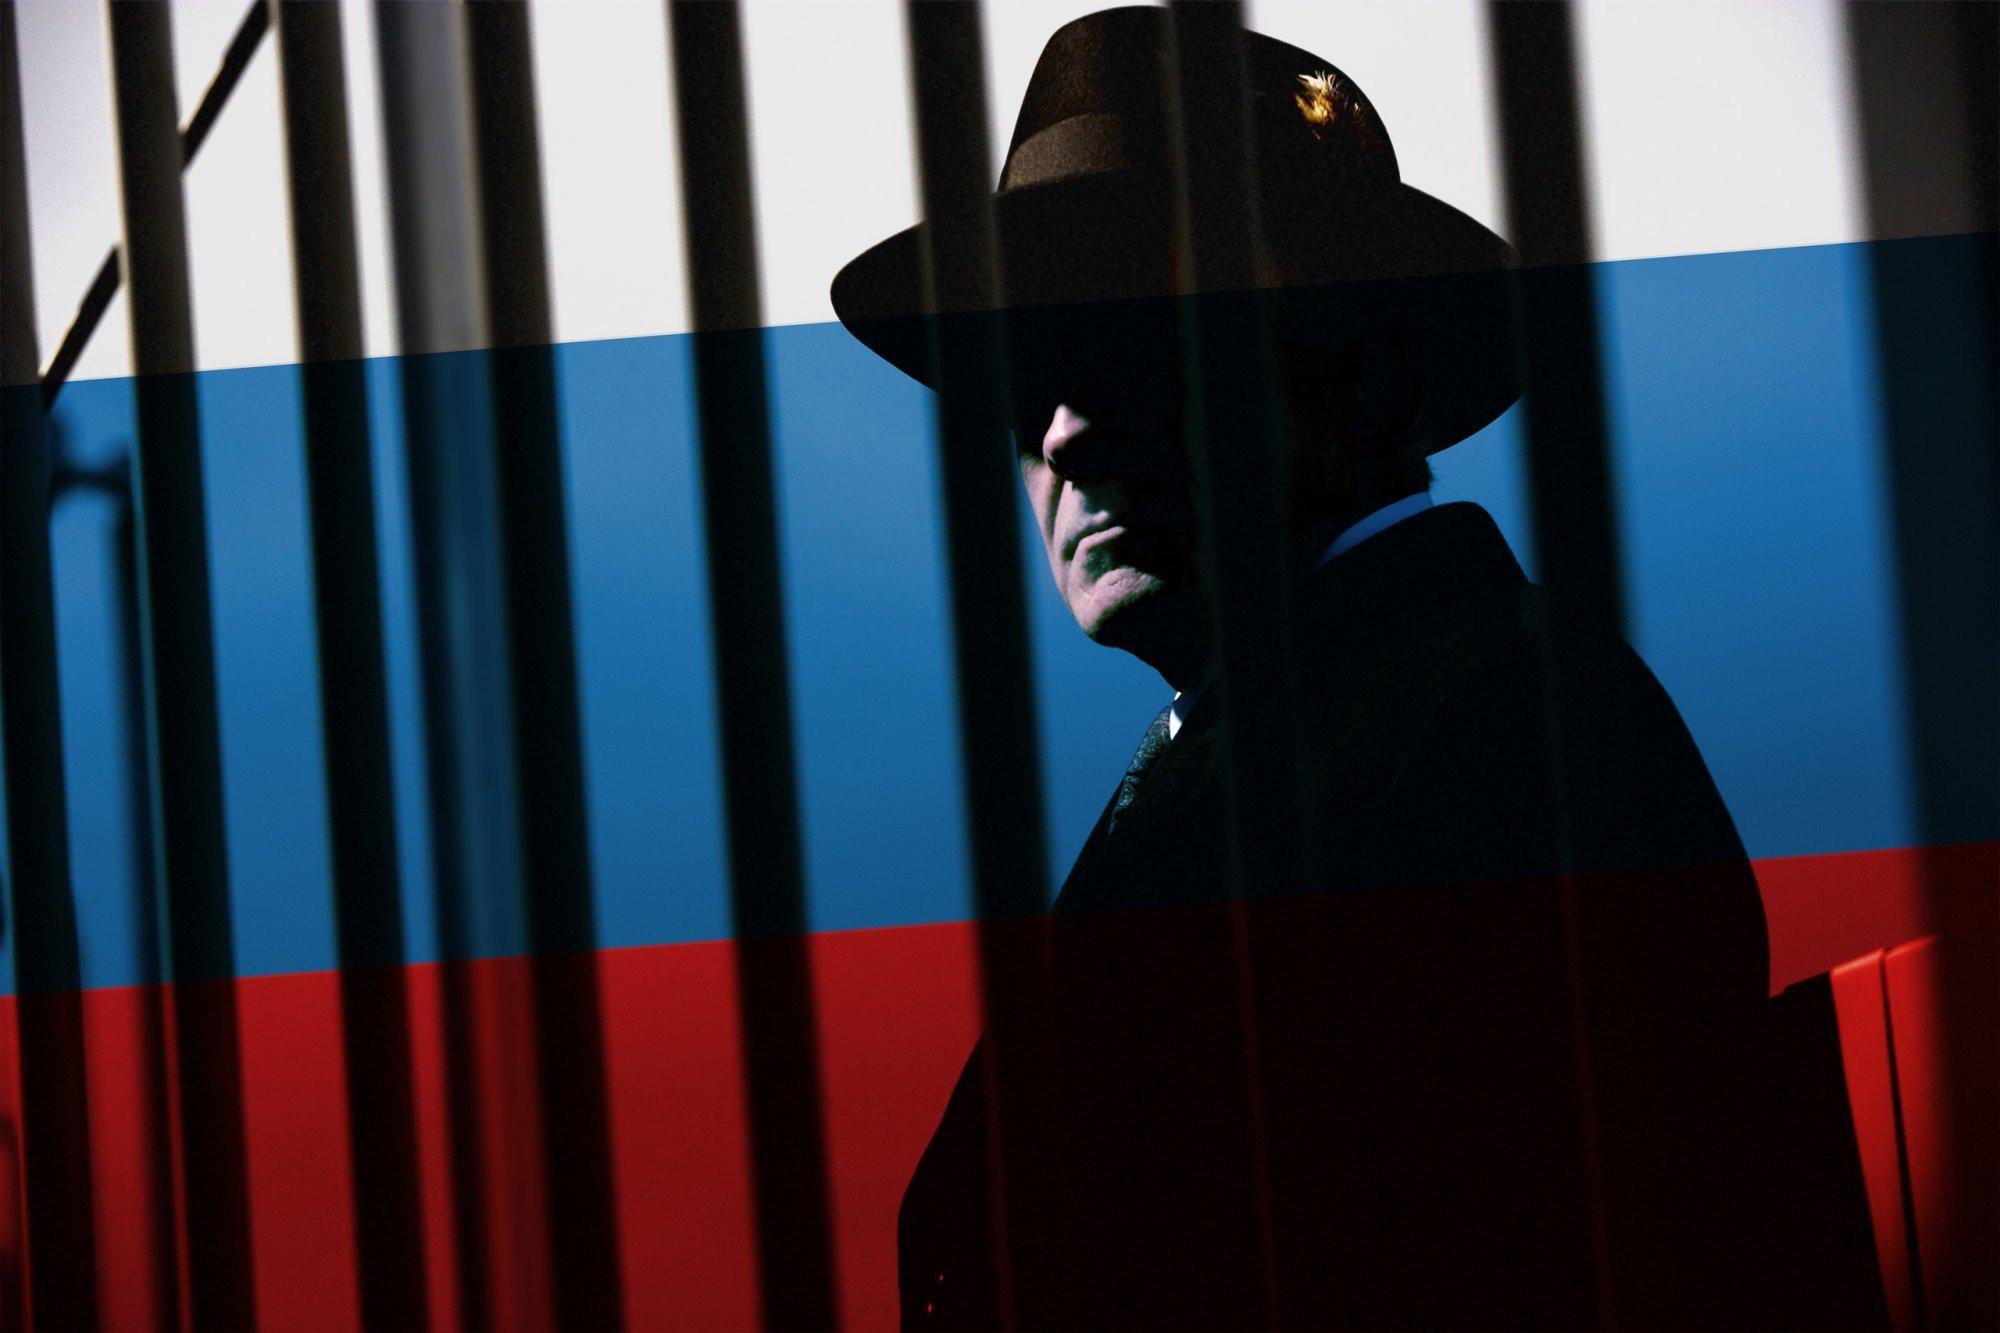 Украина, США, Давос, березовец, Путин убийство браудер, Швейцария